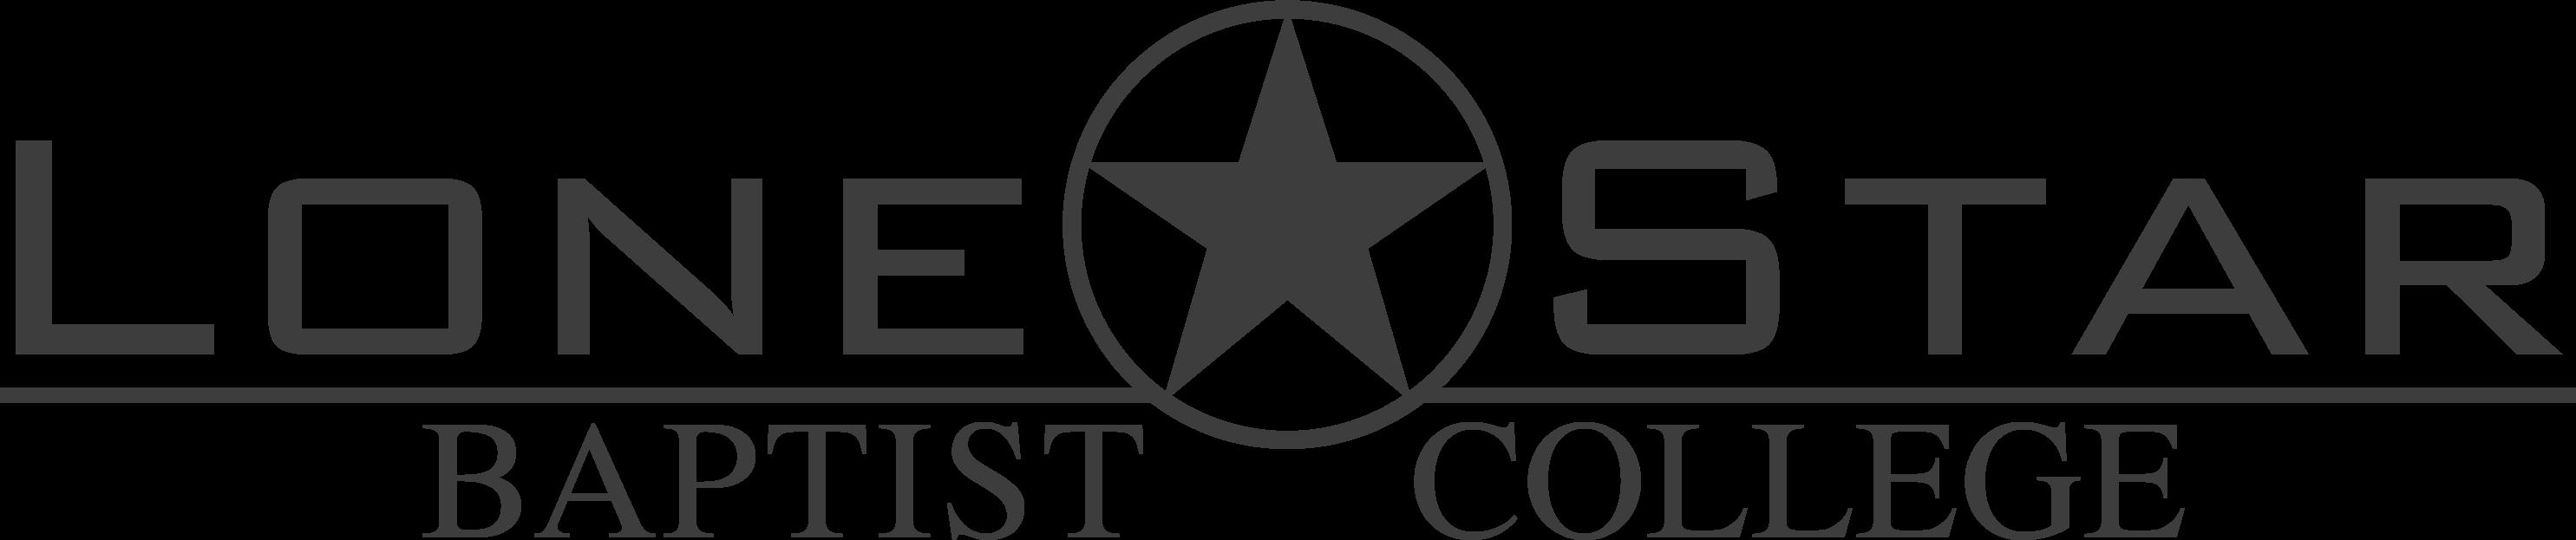 Lone Star Baptist College Online